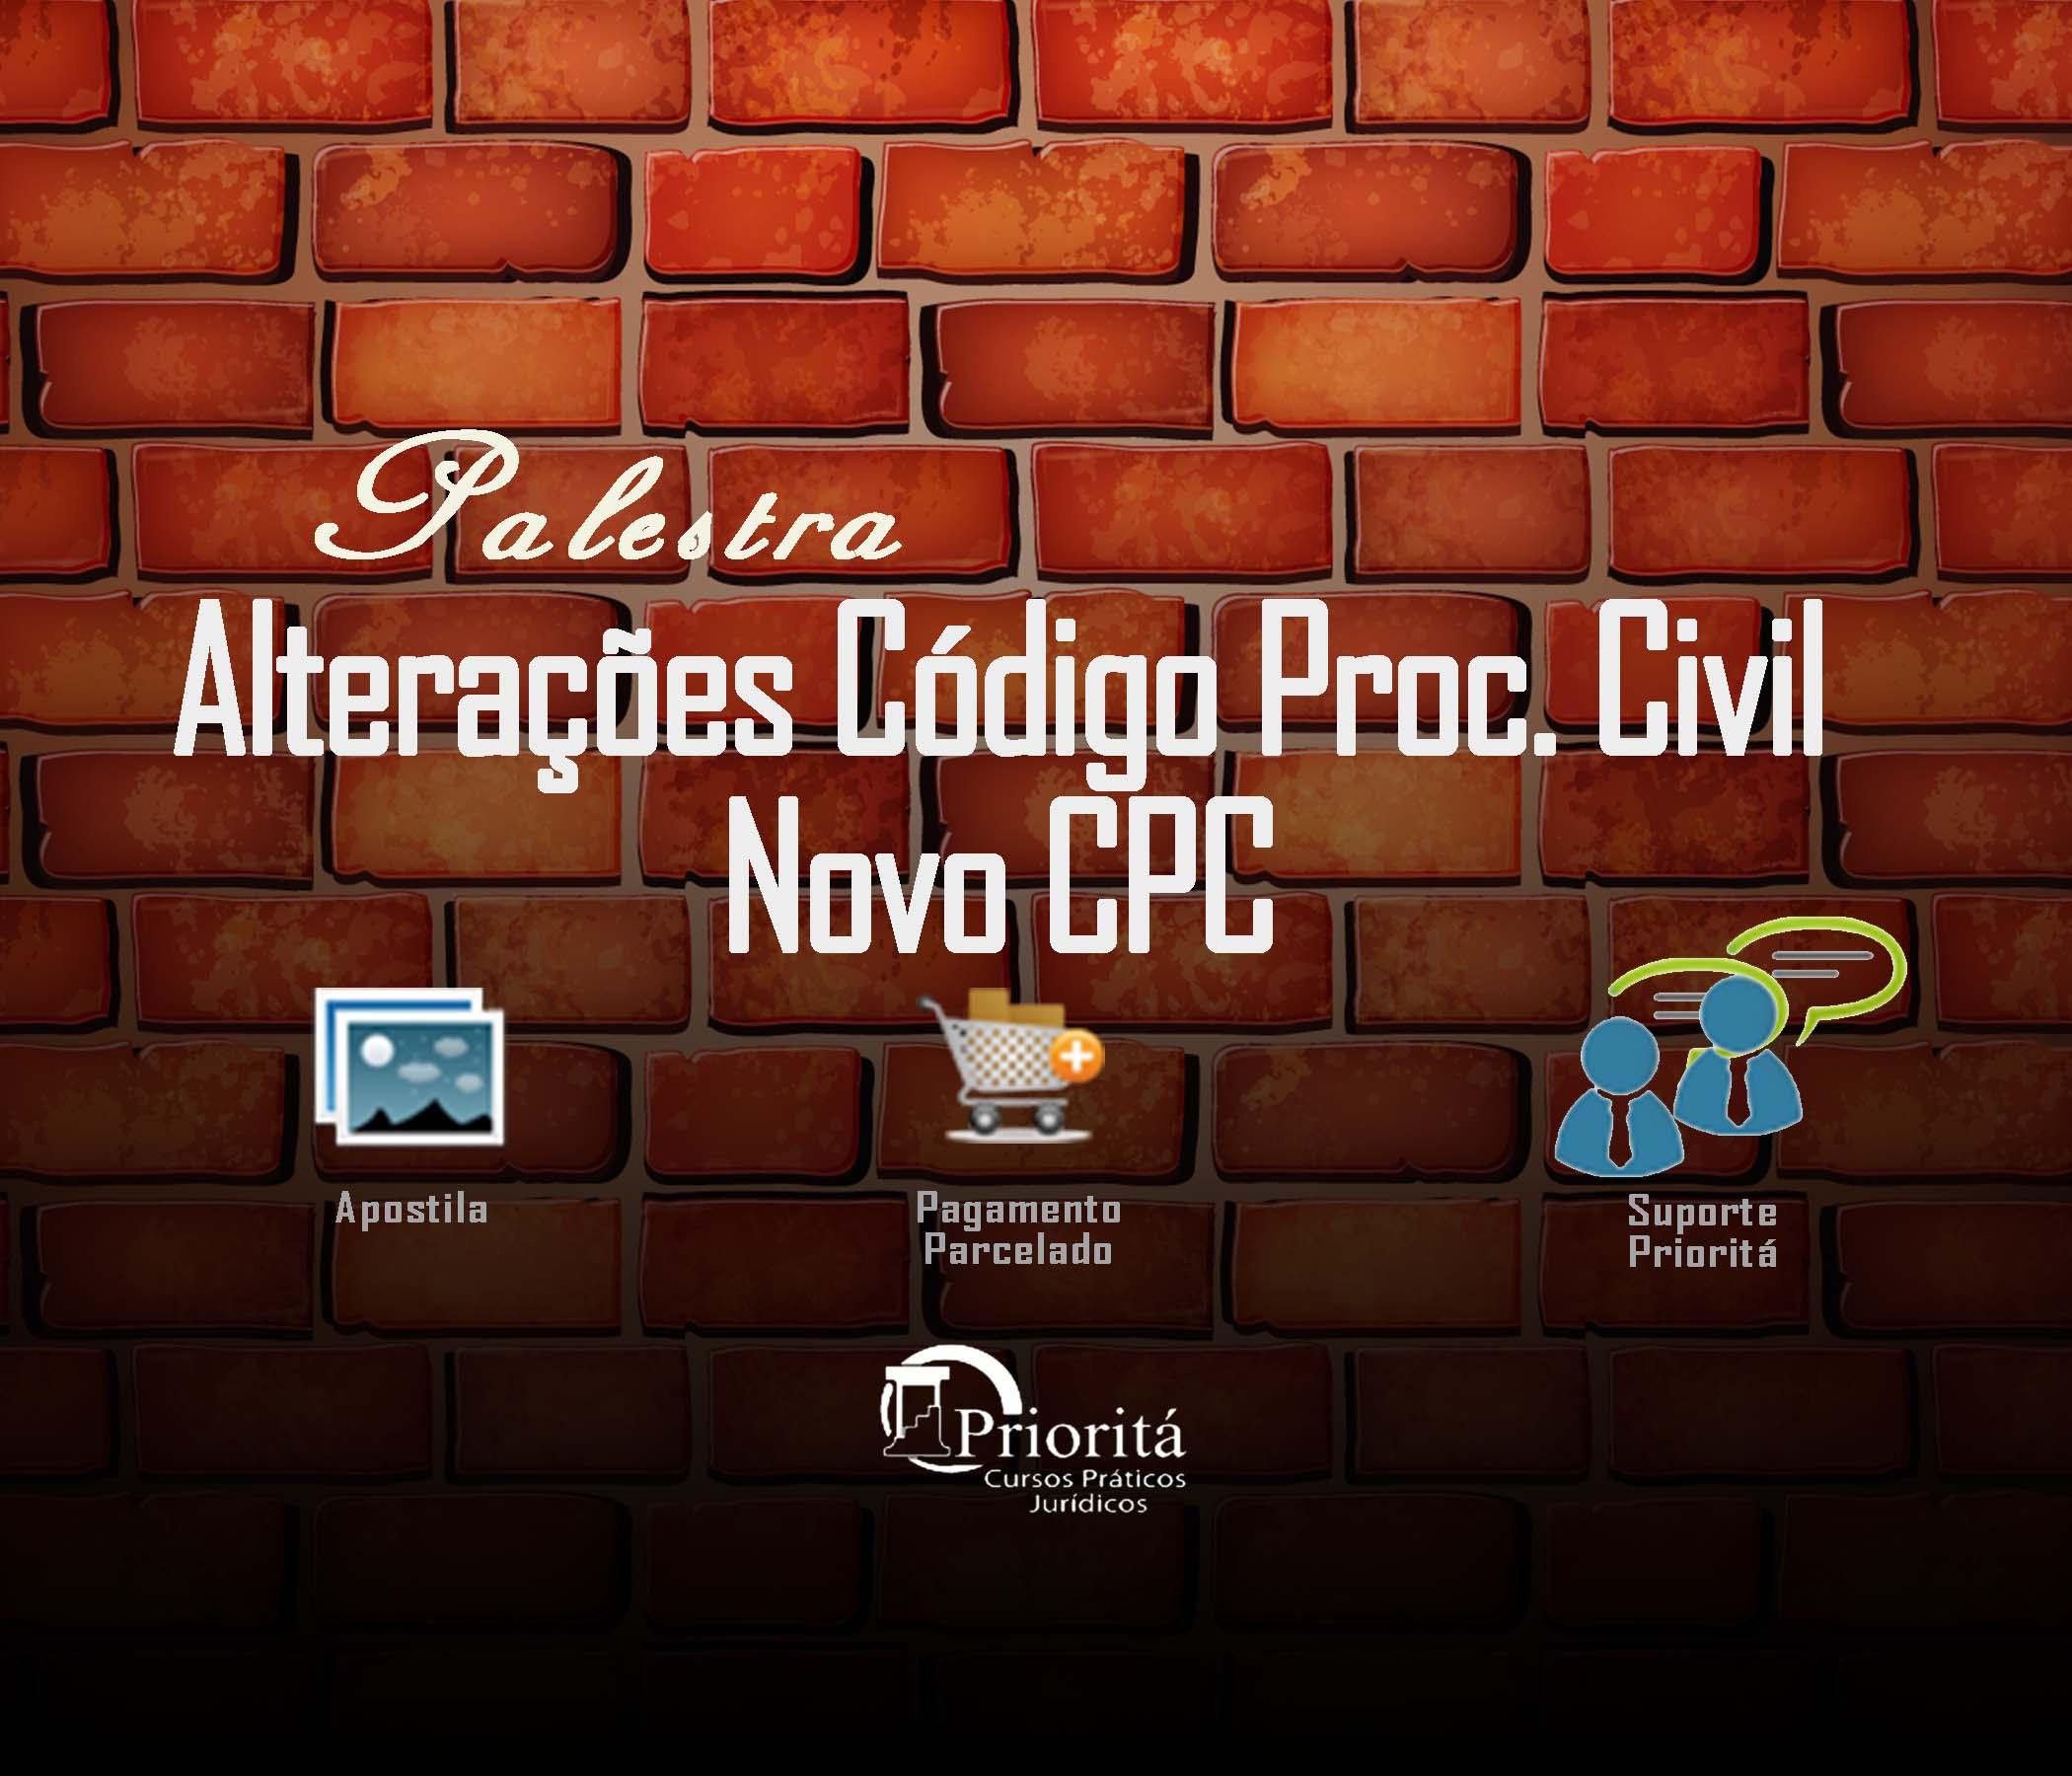 codigo processo civil novo cpc